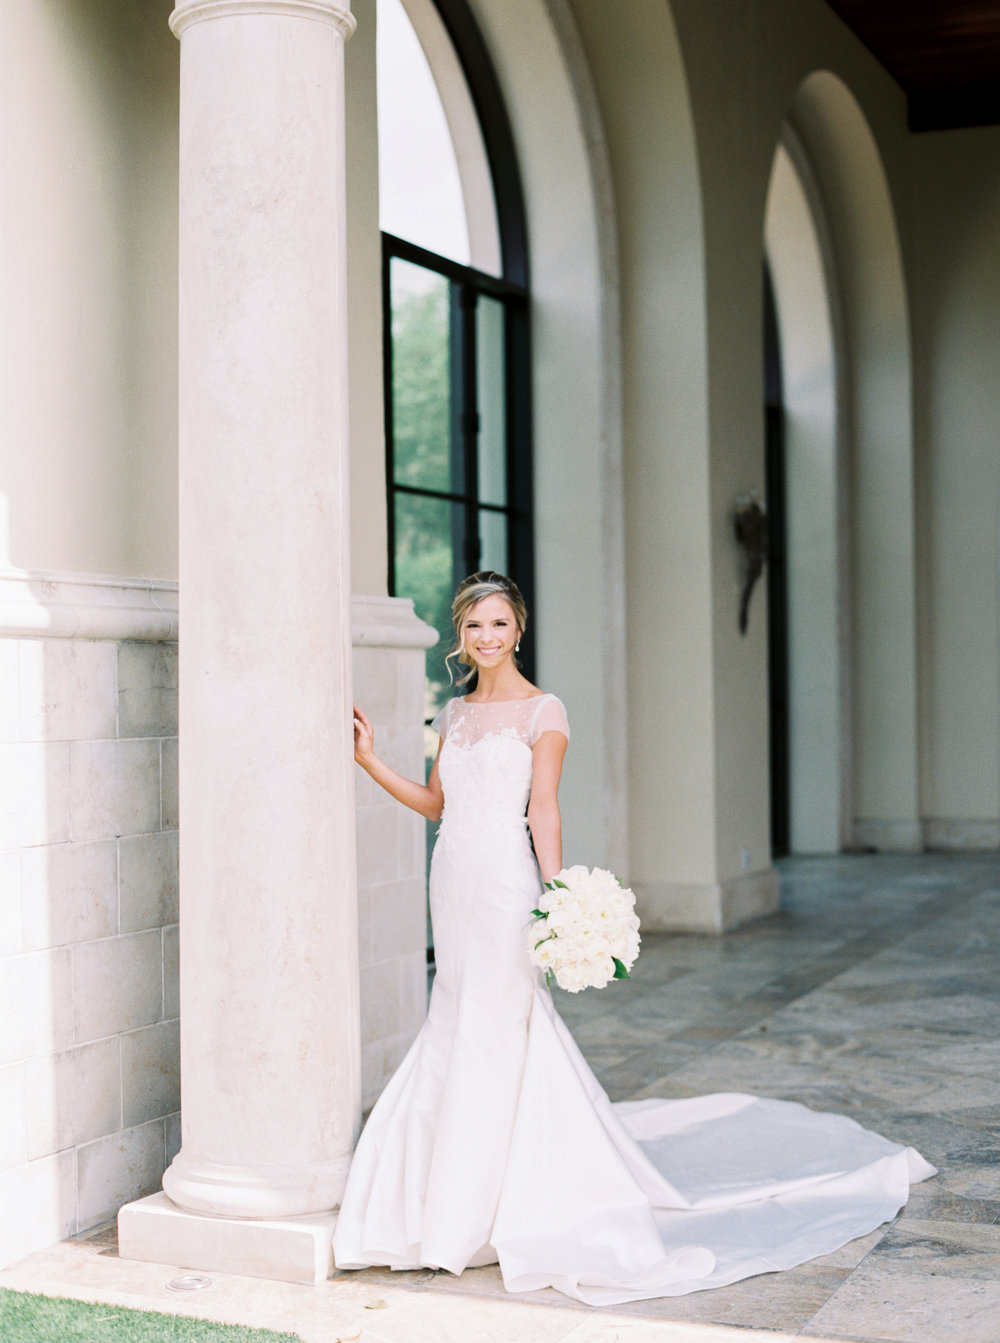 top 5 indoor bridal venues in austin-3.jpg